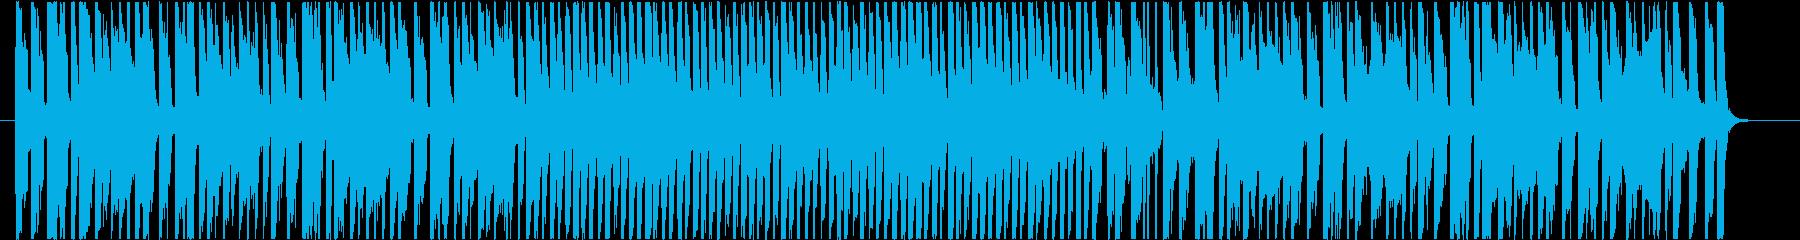 明るくポップなオープニングBGMの再生済みの波形